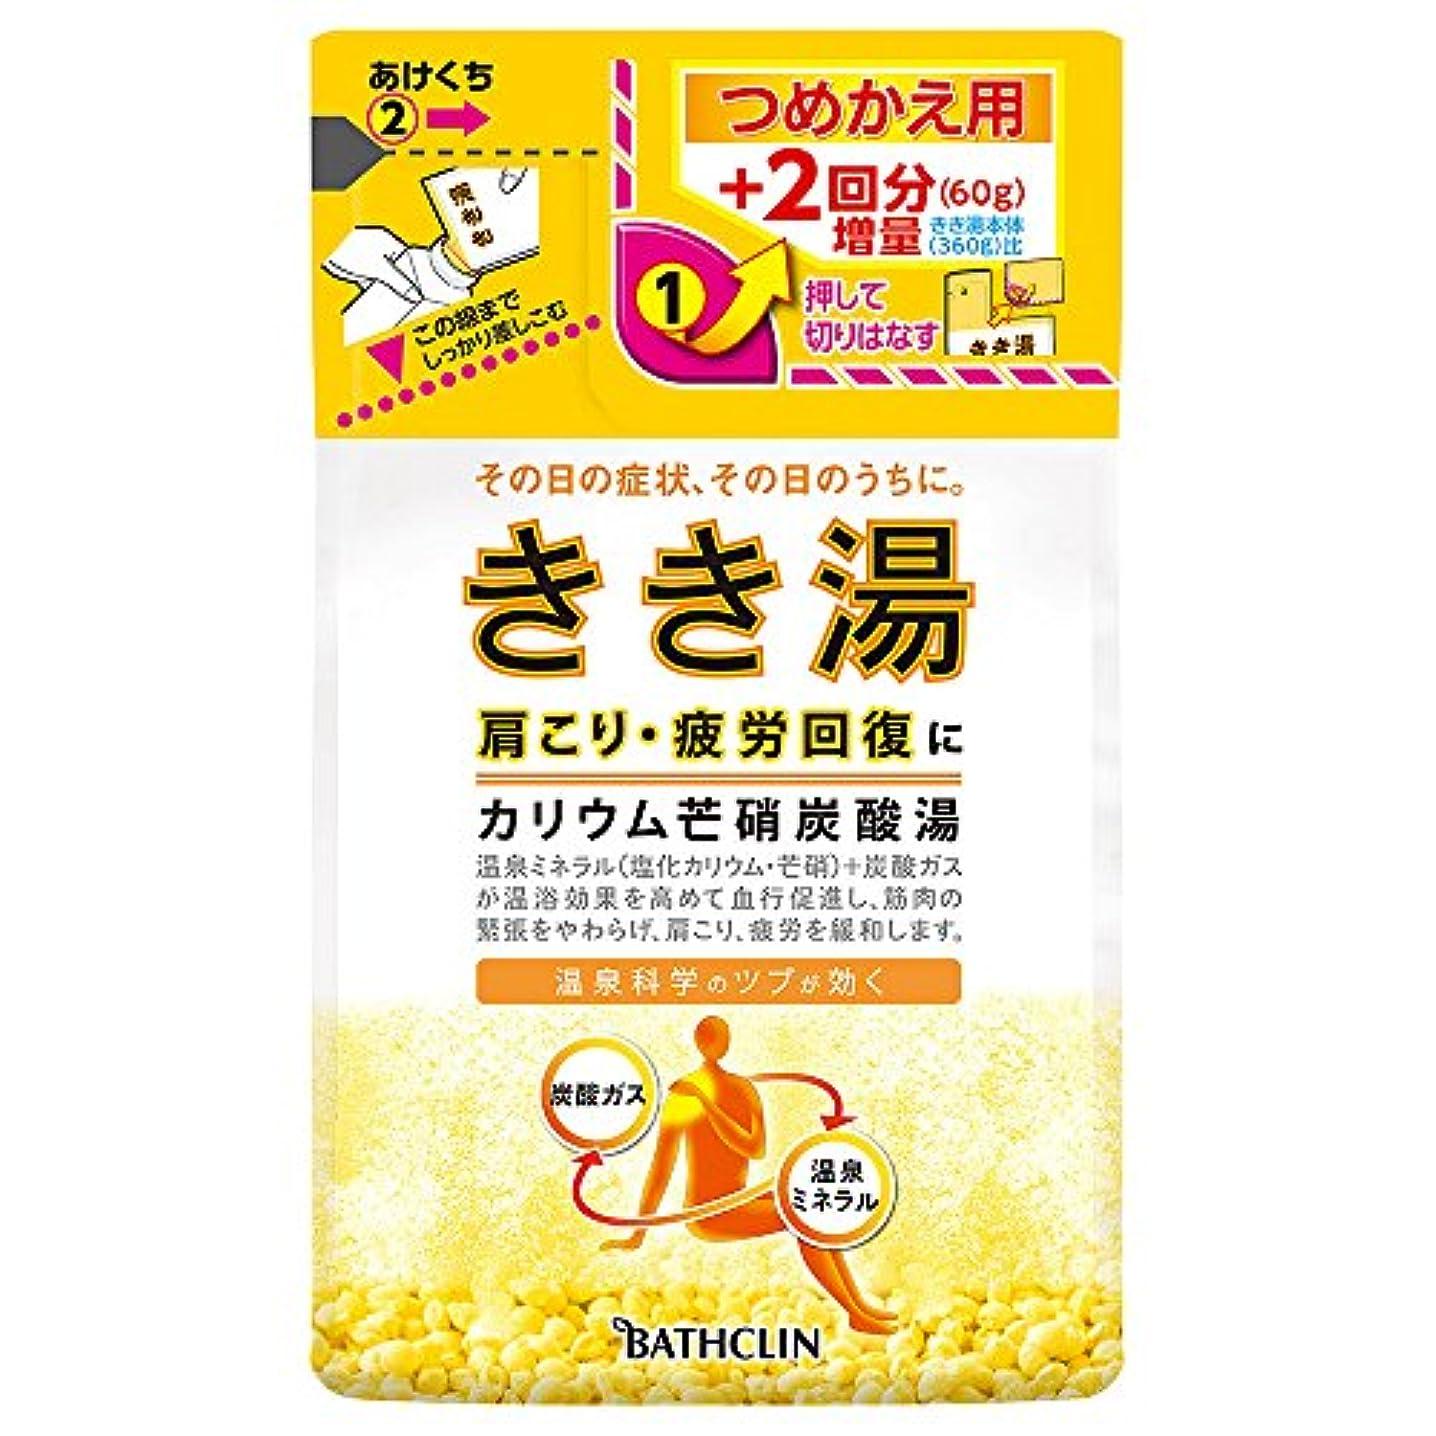 ラウズクリープインデックスきき湯 カリウム芒硝炭酸湯 つめかえ用 420g 入浴剤 (医薬部外品)